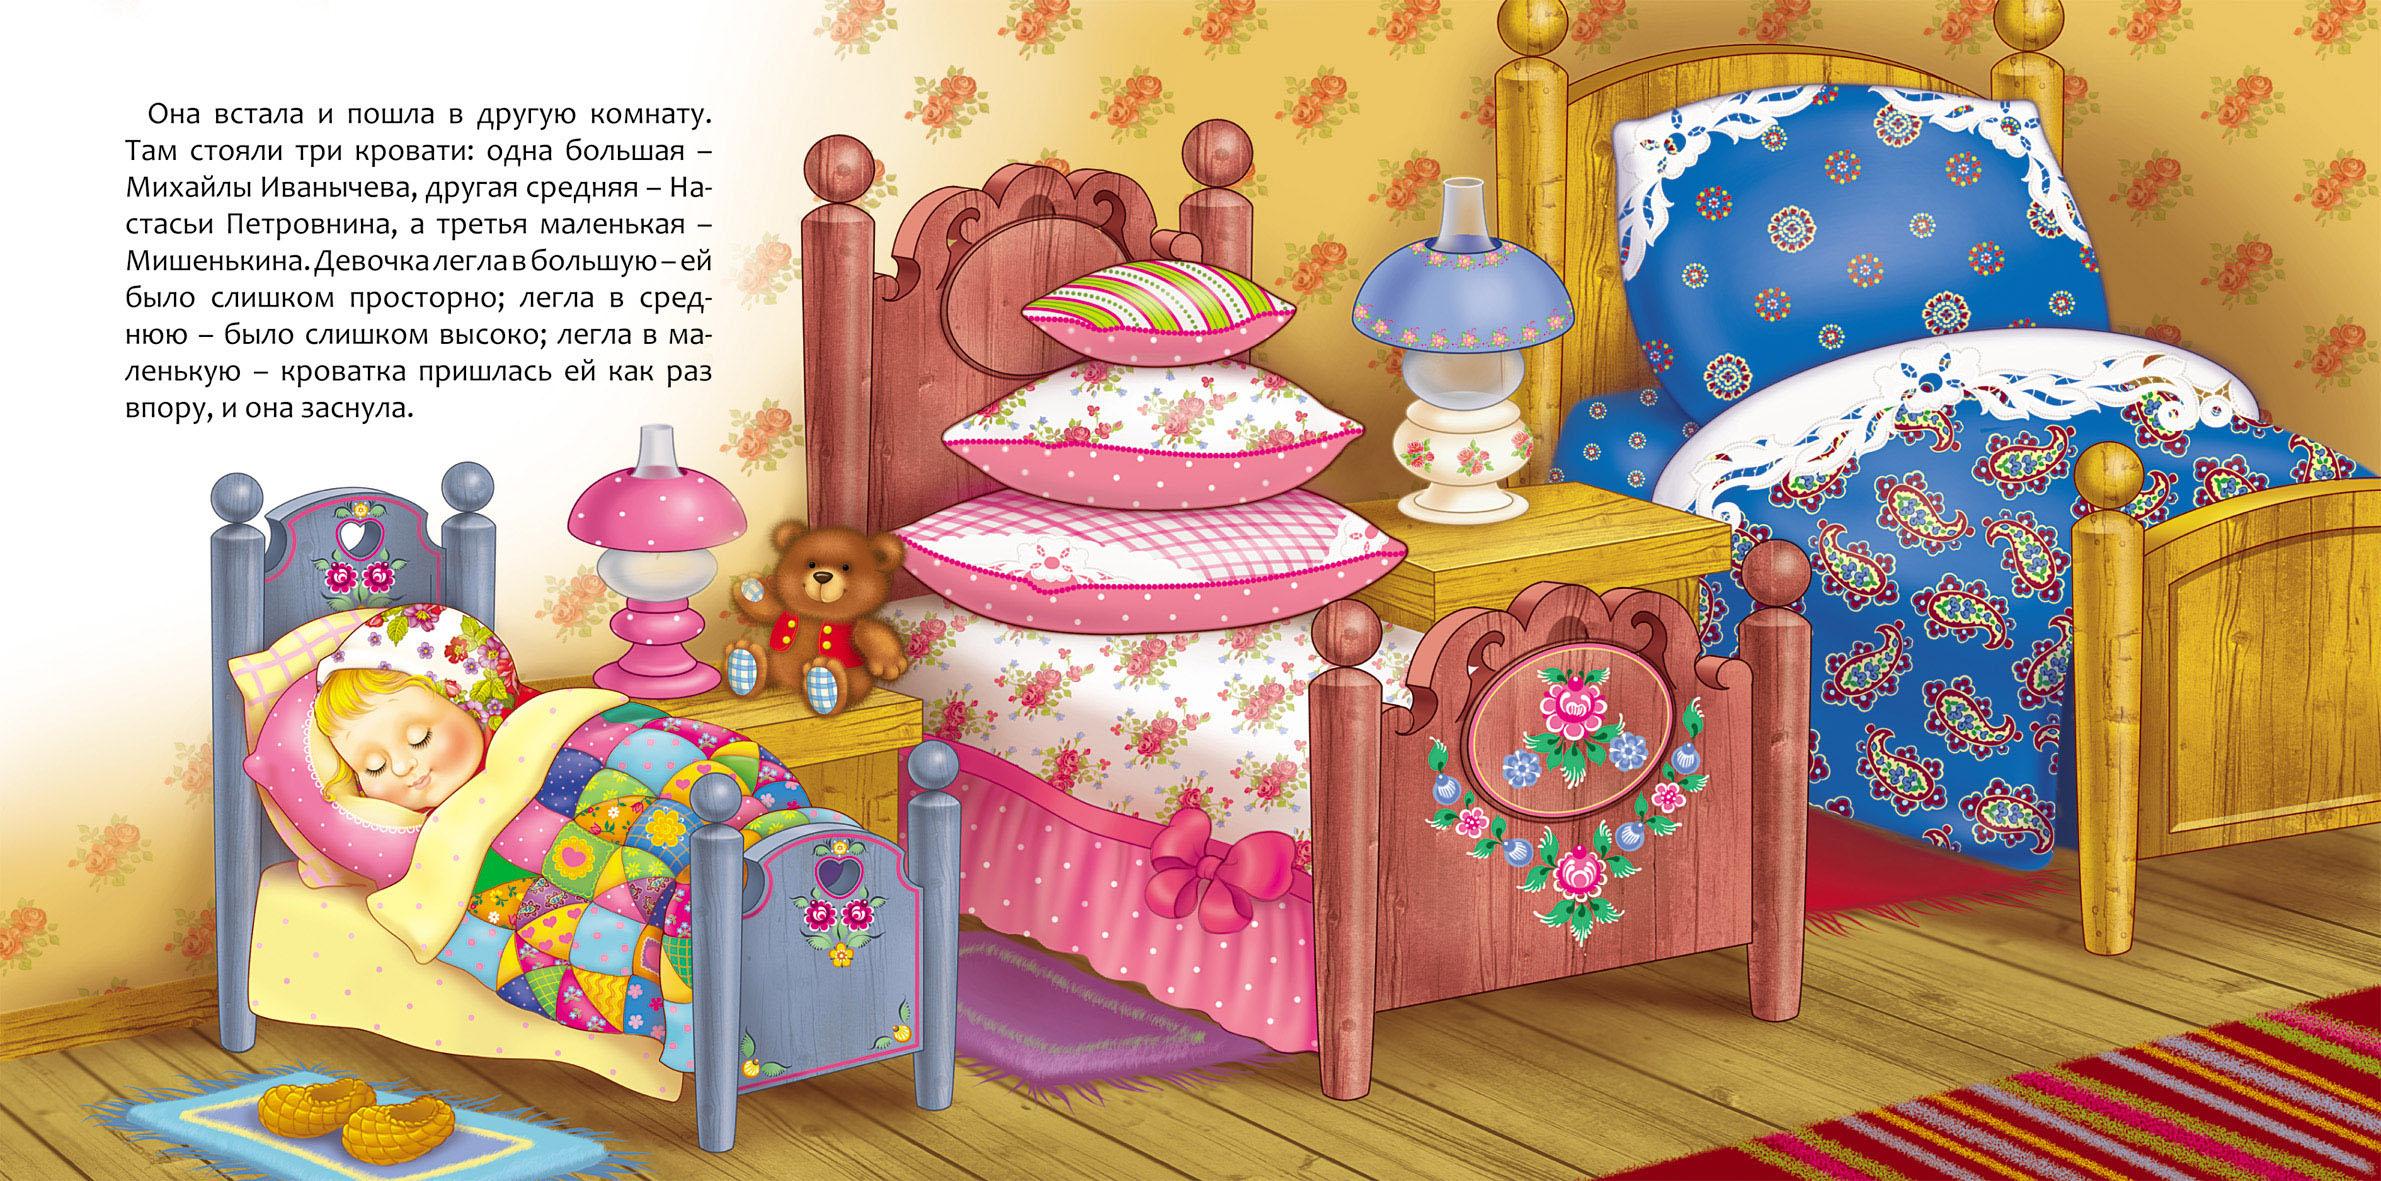 Кроватки для трех медведей картинки много простых